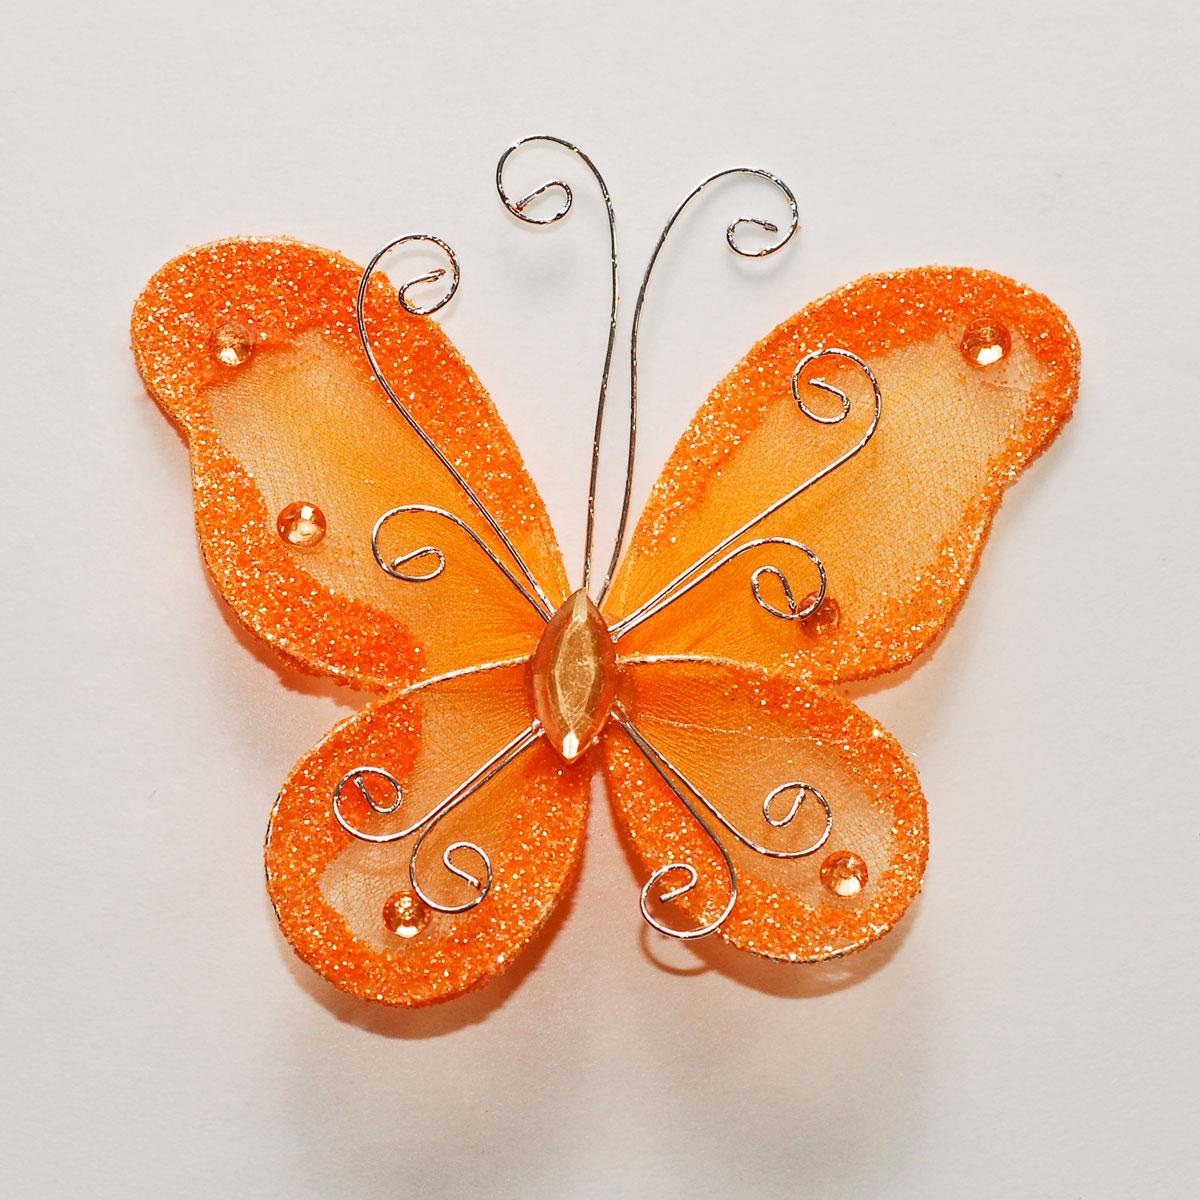 Бабочки из капрона и проволоки мастер класс фото